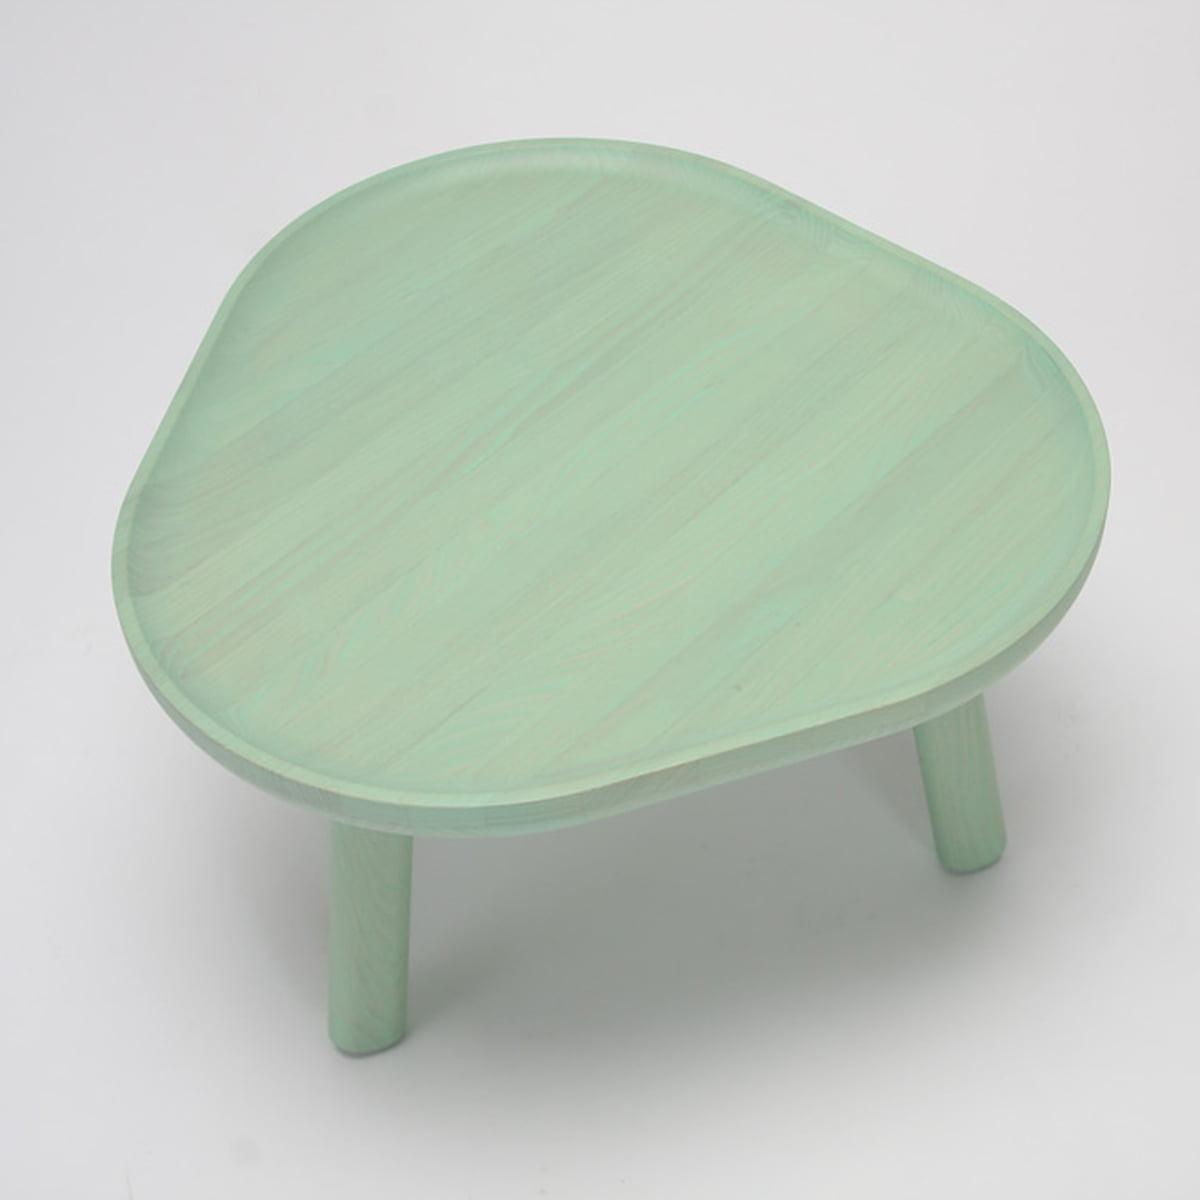 soft triangle tisch von karimoku new standard. Black Bedroom Furniture Sets. Home Design Ideas